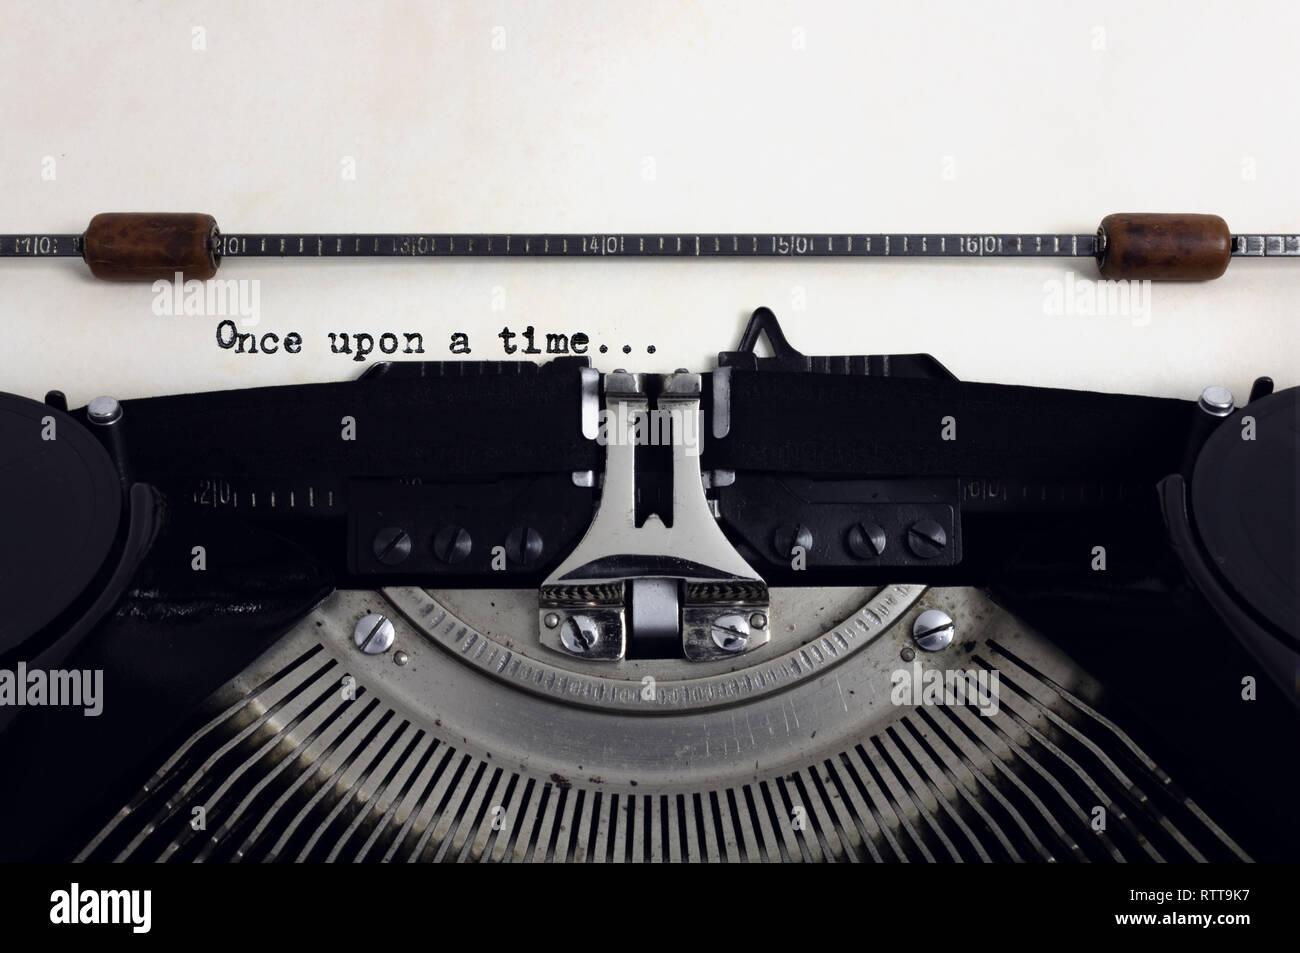 Ancienne rétro vintage typewriter noir avec close-up vous tapez du texte Il était une fois que la position sur le papier vieilli Banque D'Images